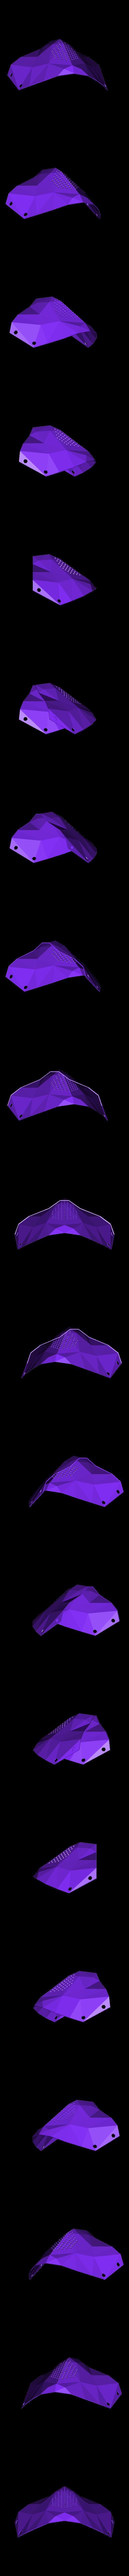 Low Poly Mask - Large.STL Download STL file Low Poly Masks • 3D printer model, biglildesign